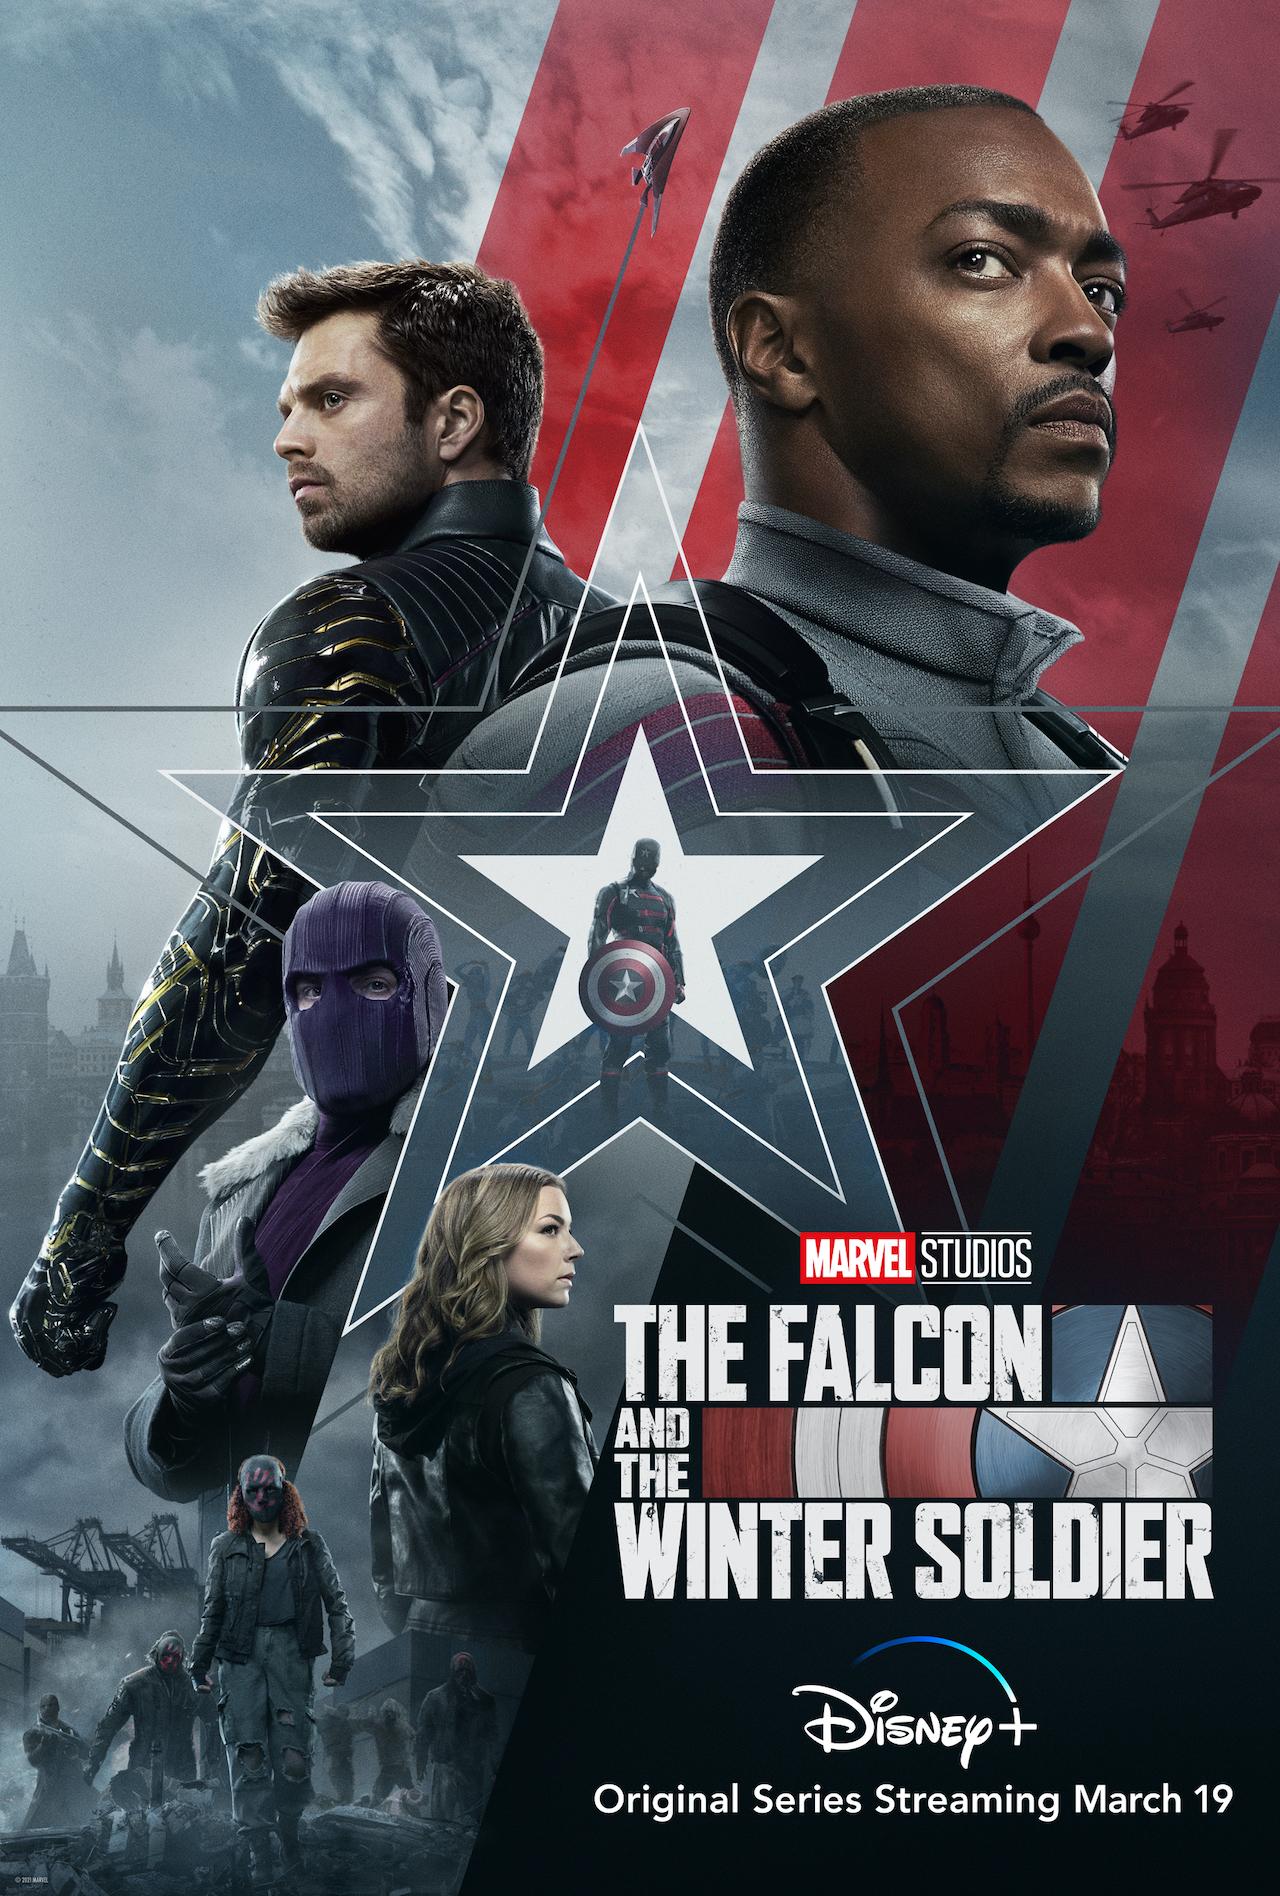 El cartel del halcón y el soldado de invierno.